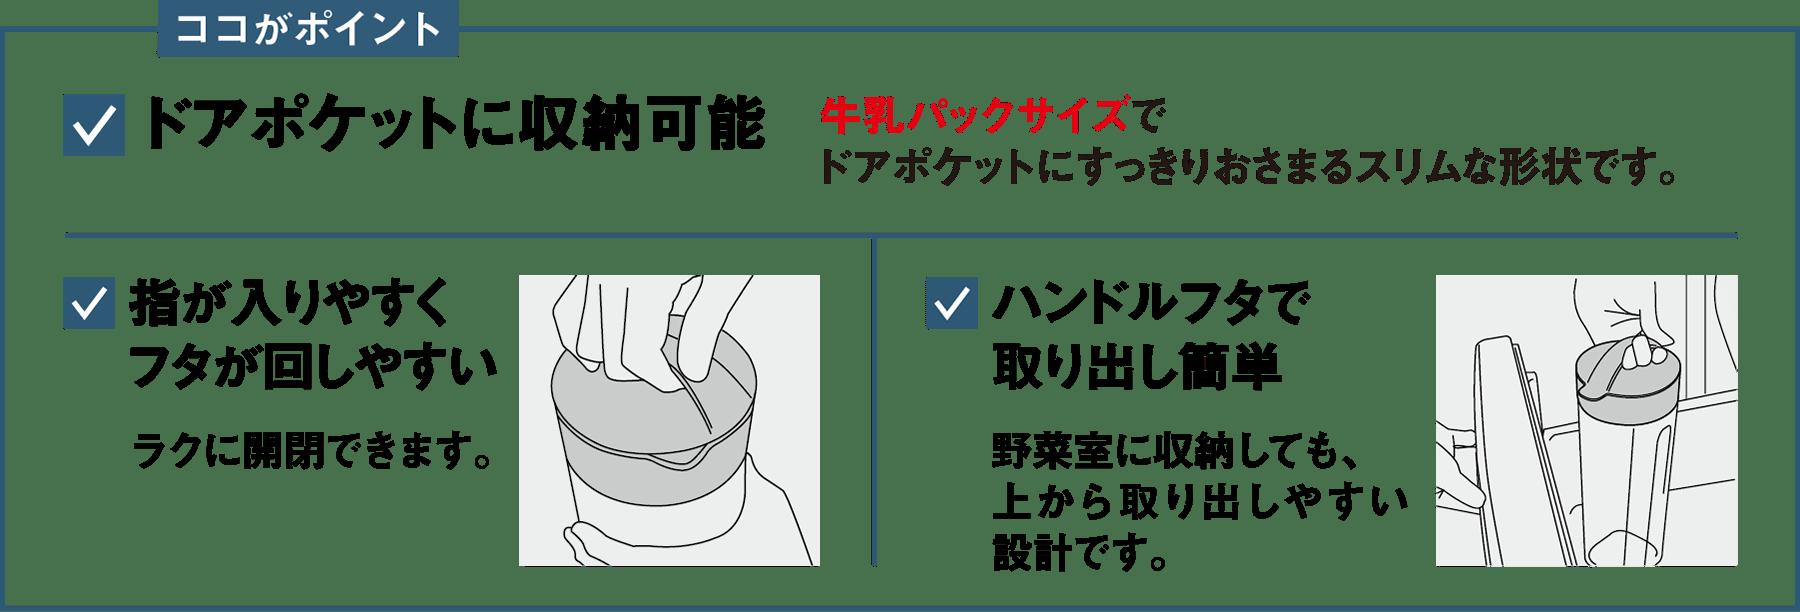 ココがポイント ドアポケットに収納可能 牛乳パックサイズでドアポケットにすっきりおさまるスリムな形状です。 指が入りやすくフタが回しやすい ラクに開閉できます。 ハンドルフタで取り出し簡単 野菜室に収納しても、上から取り出しやすい設計です。